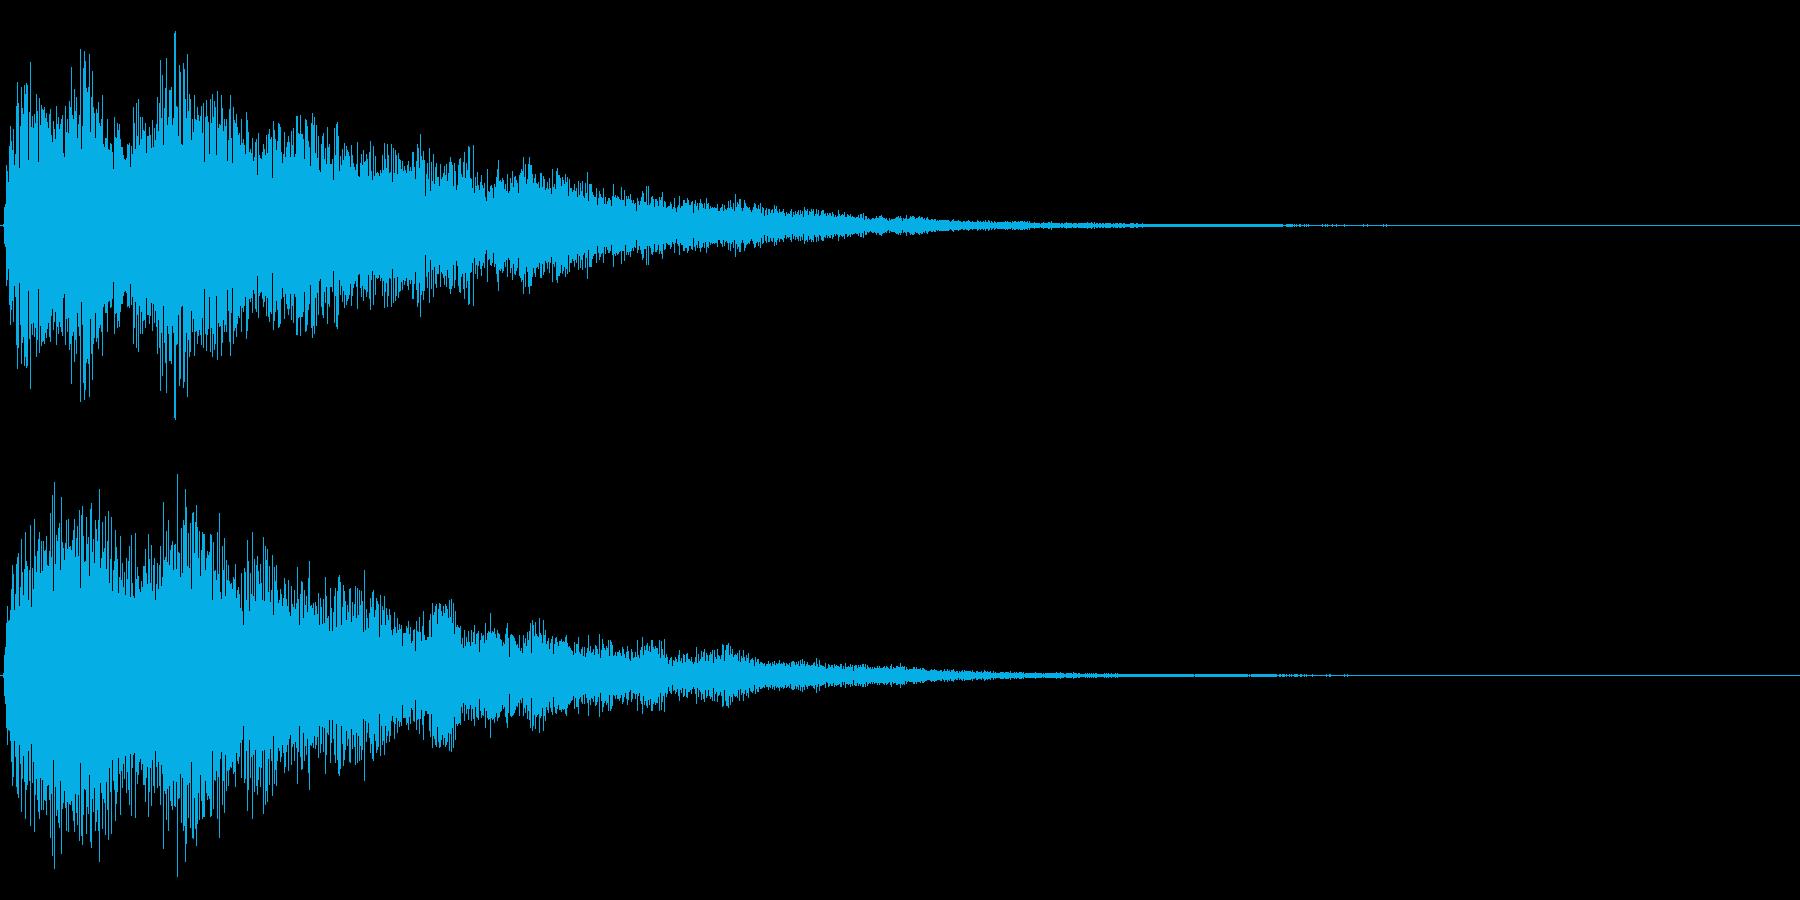 ゲームスタート、決定、ボタン音-001の再生済みの波形